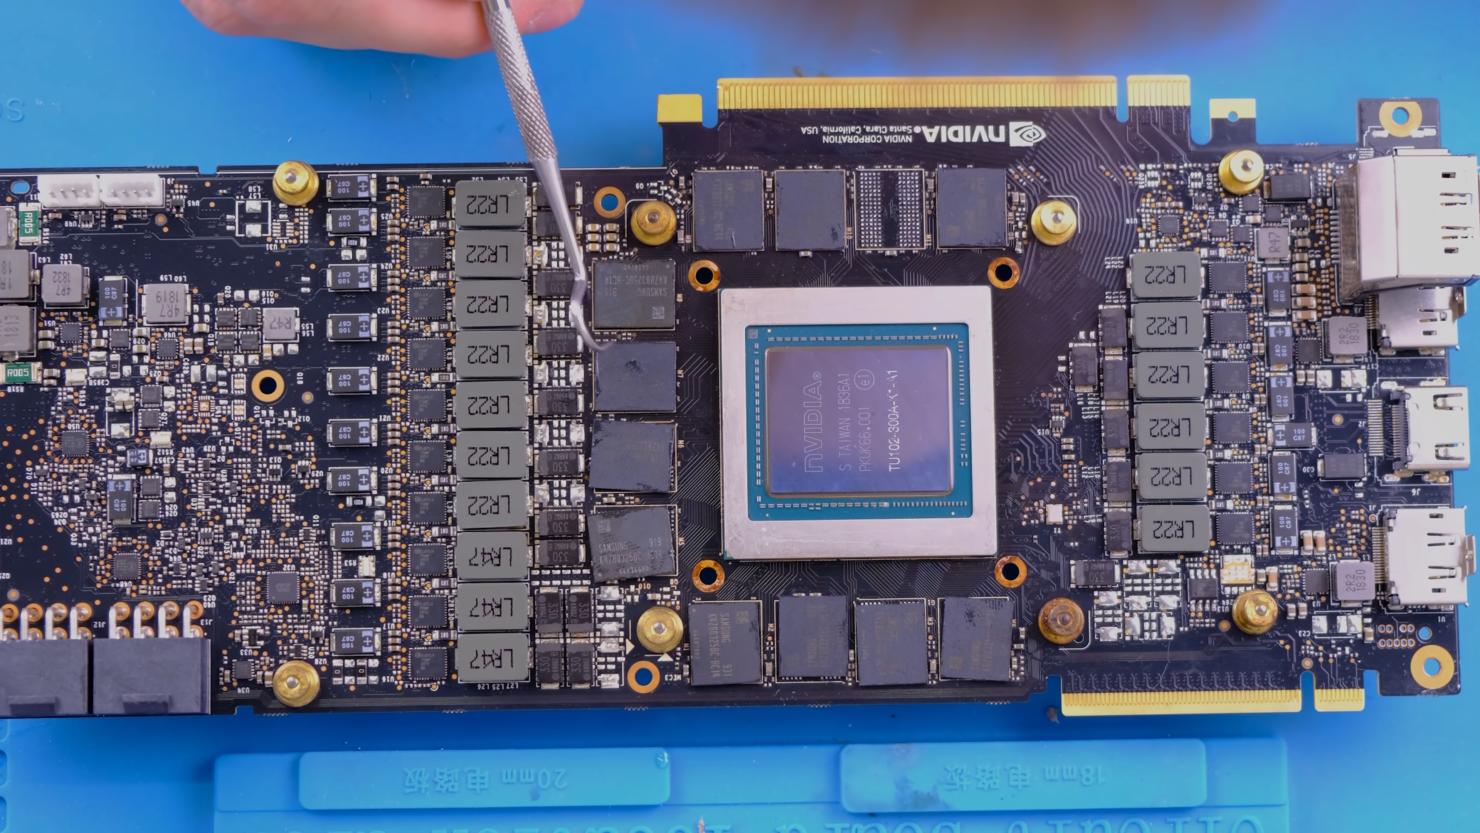 nvidia-geforce-rtx-2080-ti-22-gb-gddr6-graphics-card-mod-_4